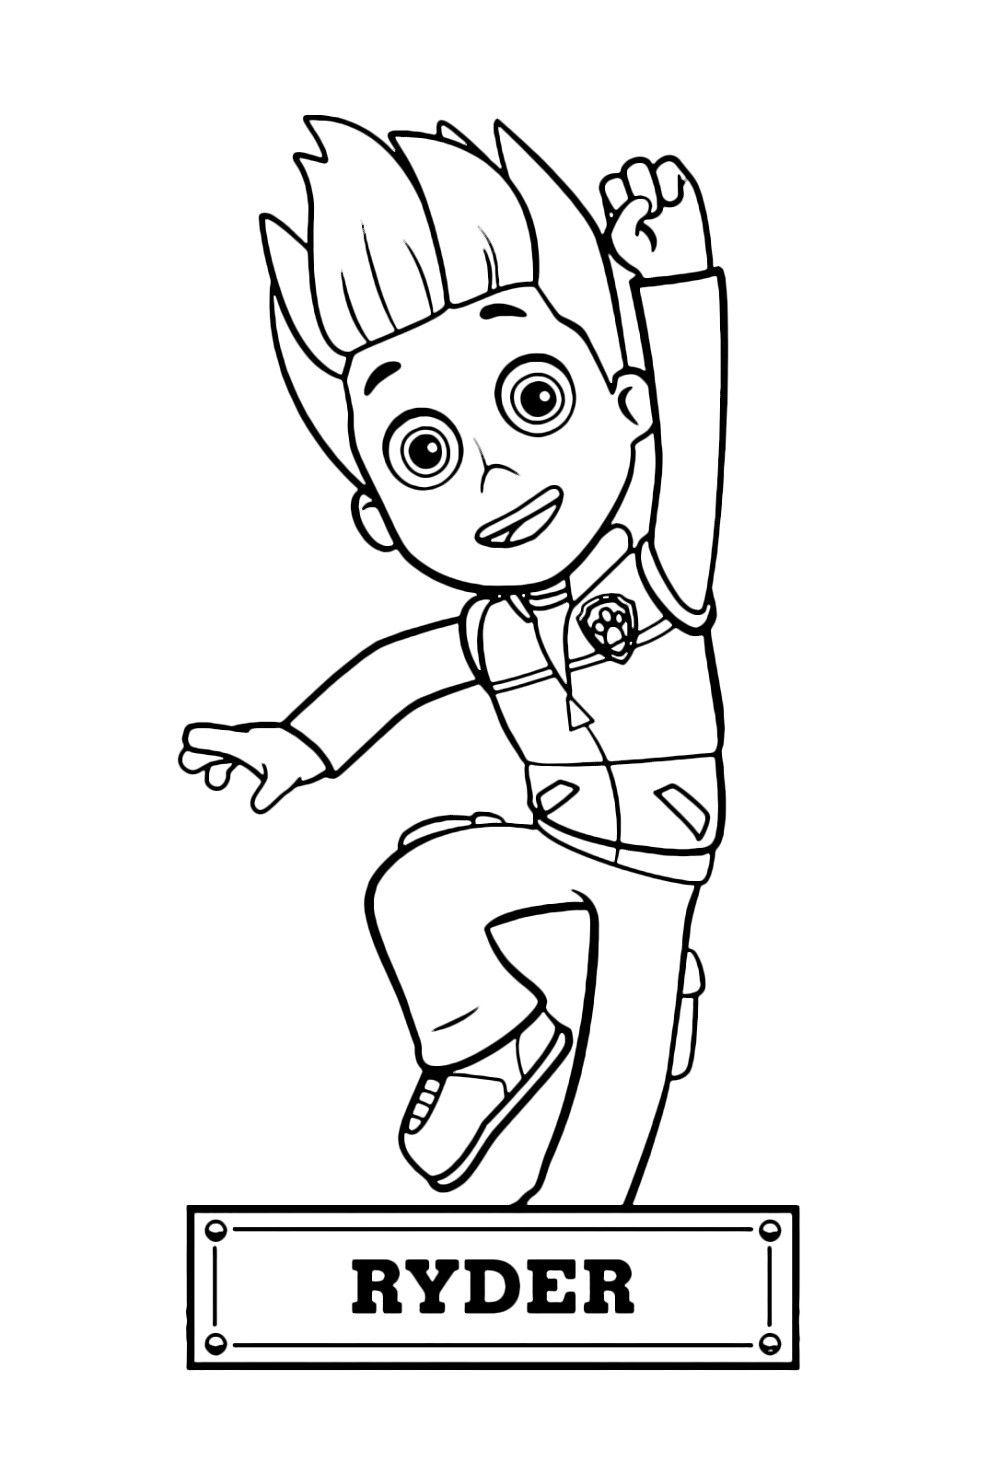 Ryder Paw Patrol Coloring Pages Malarbok Foreskoleaktiviteter Barn